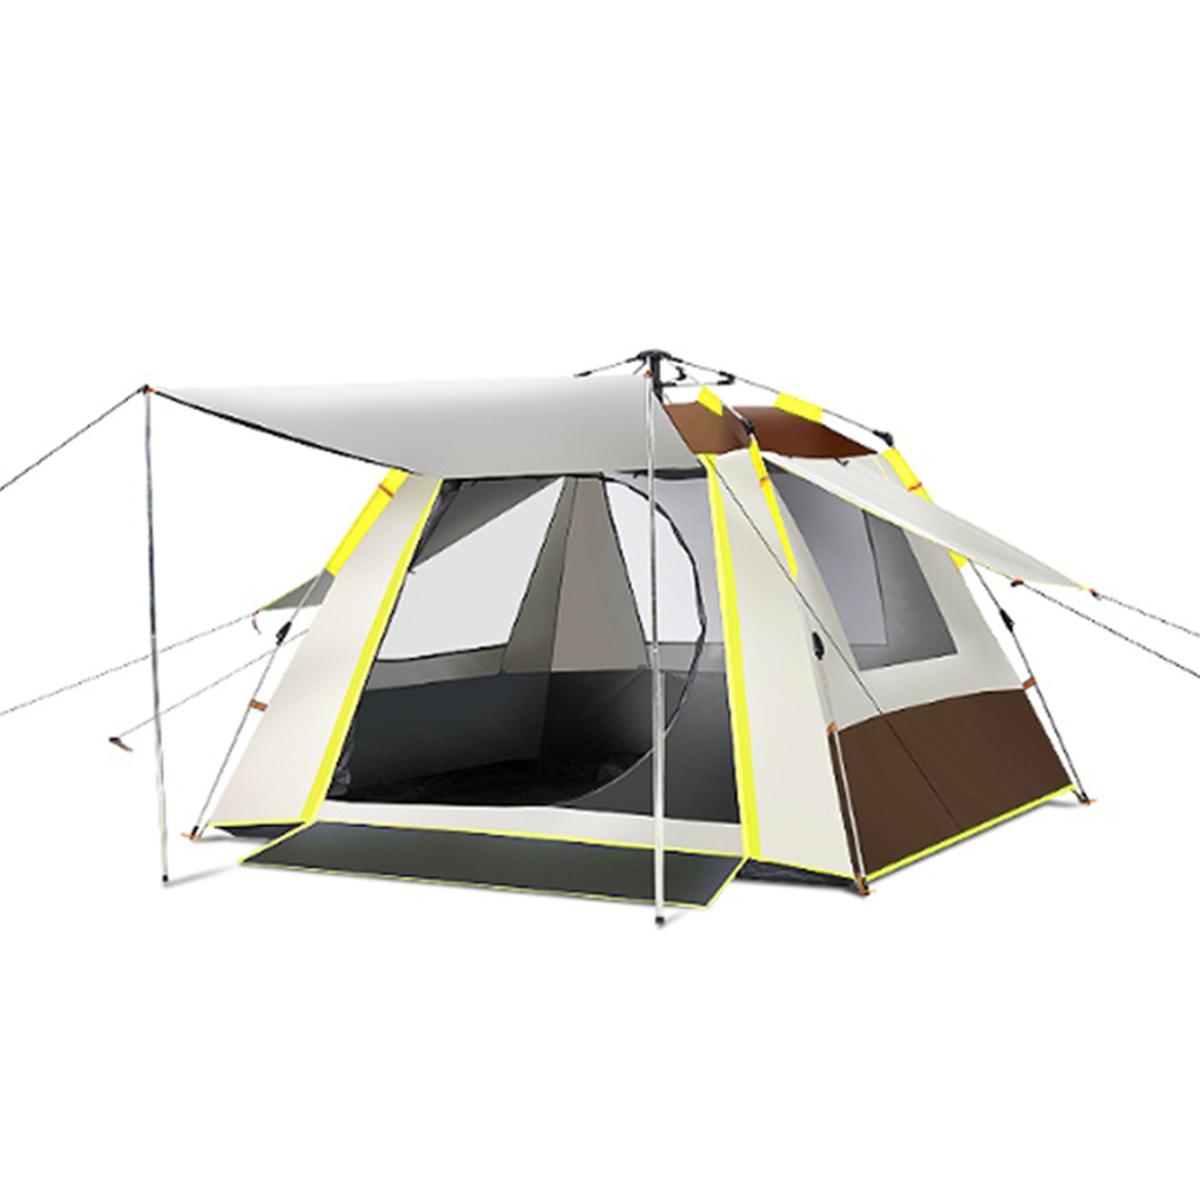 Lều du lịch di động cắm trại dã ngoại khung bằng FRP chống ăn mòn chất liệu vải chống nóng chống thấmTXZ-085 được thiết kế nhỏ gọn khi đi du lịch, picnic